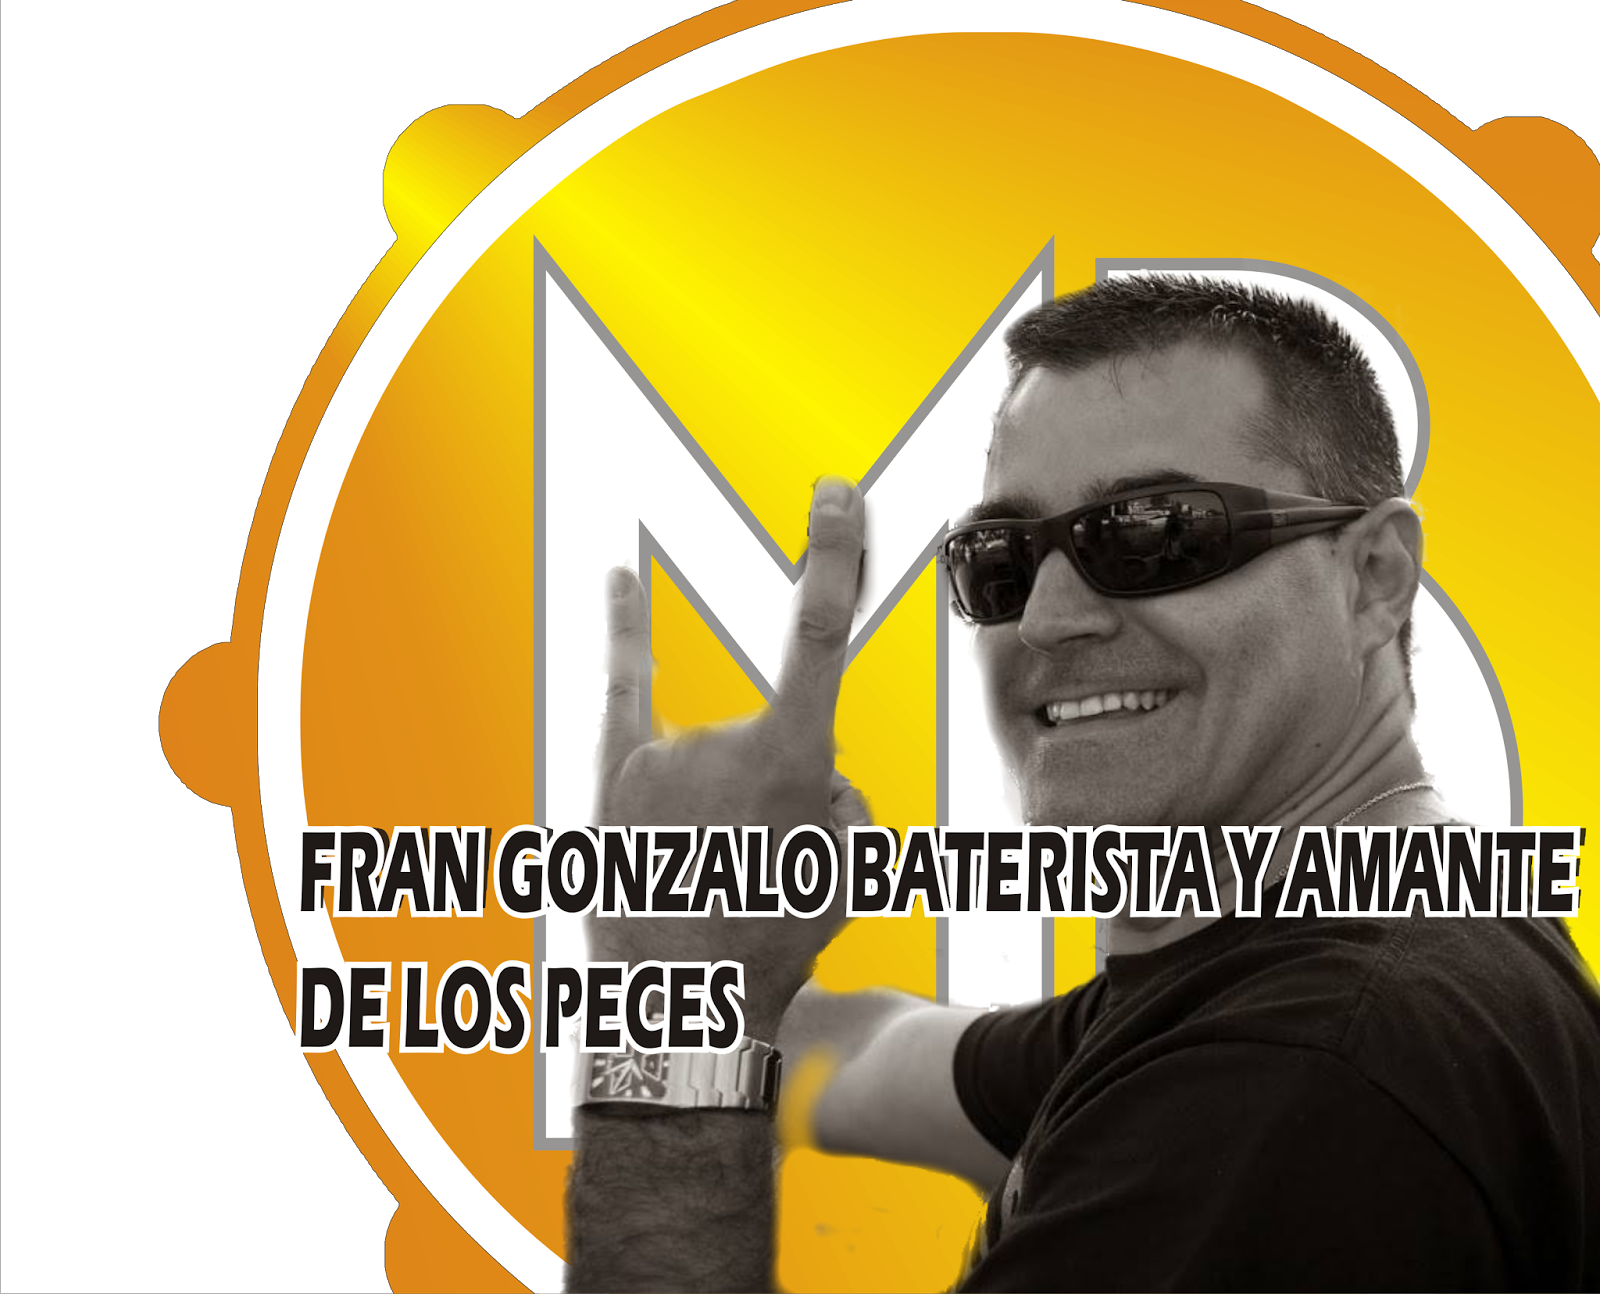 PORTADA DE FRAN GONZALO